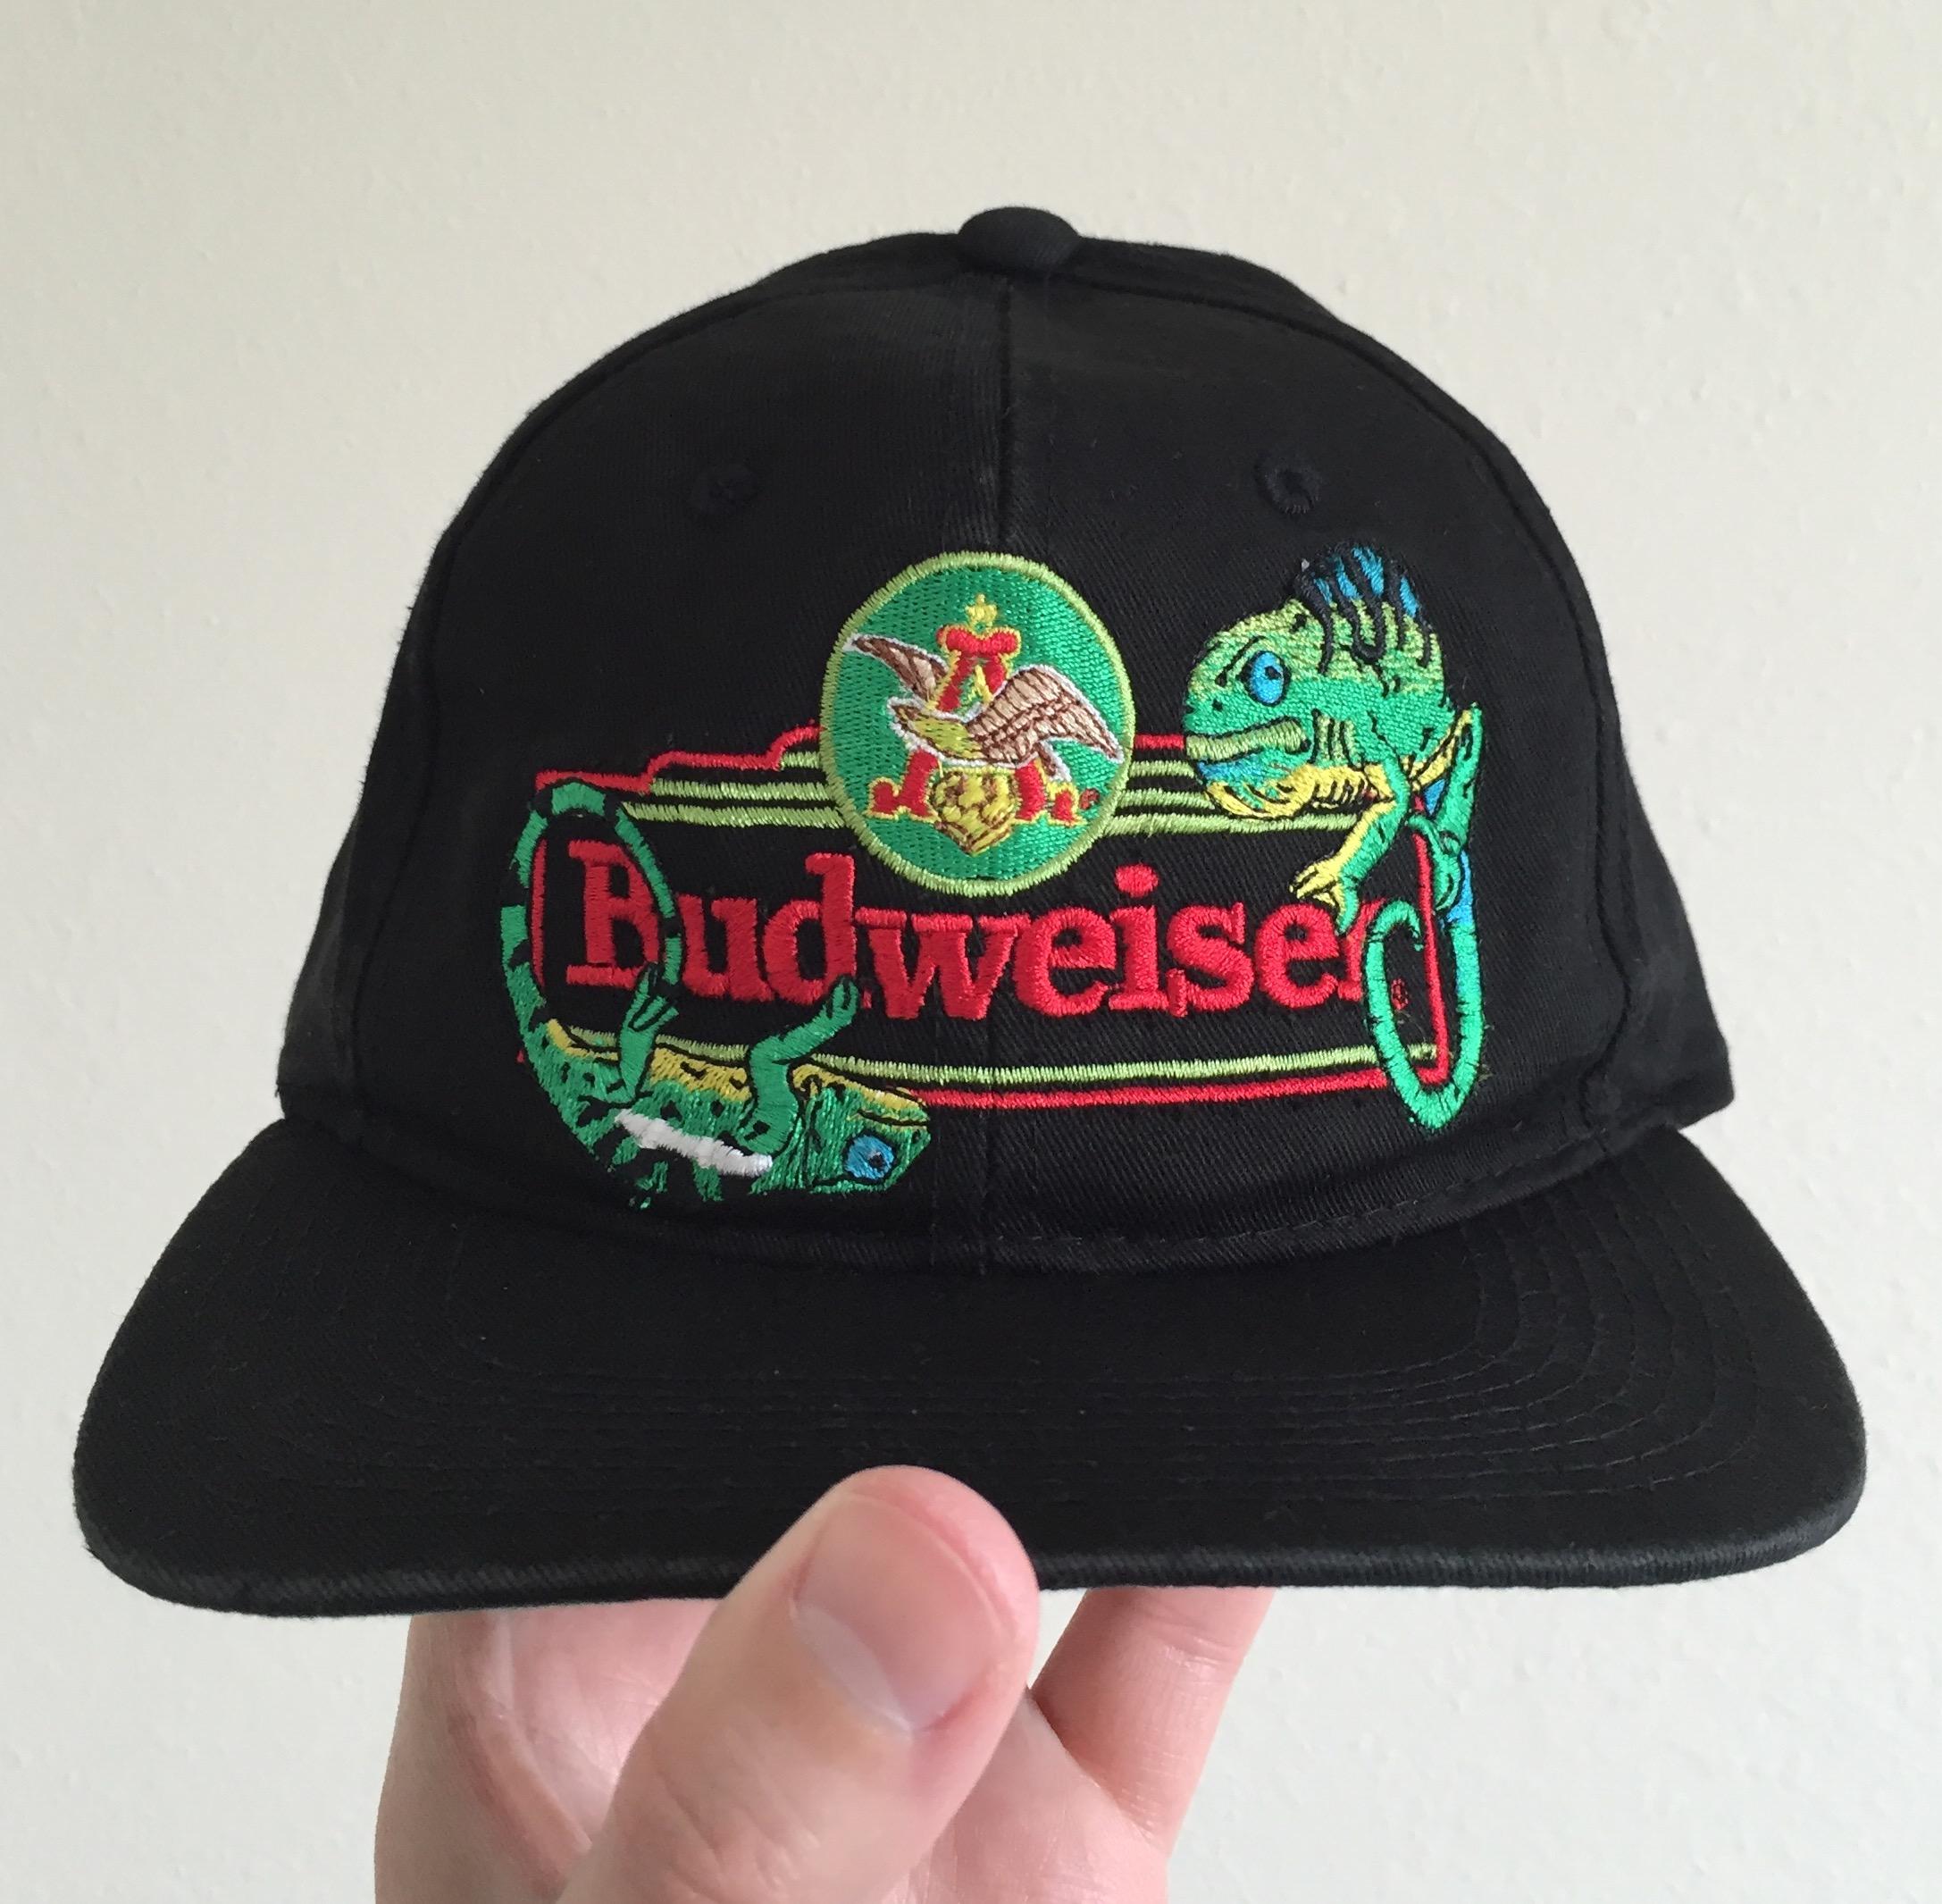 02b20750 Vintage Budweiser 90s Chameleons Logo Snapback Hat | Grailed